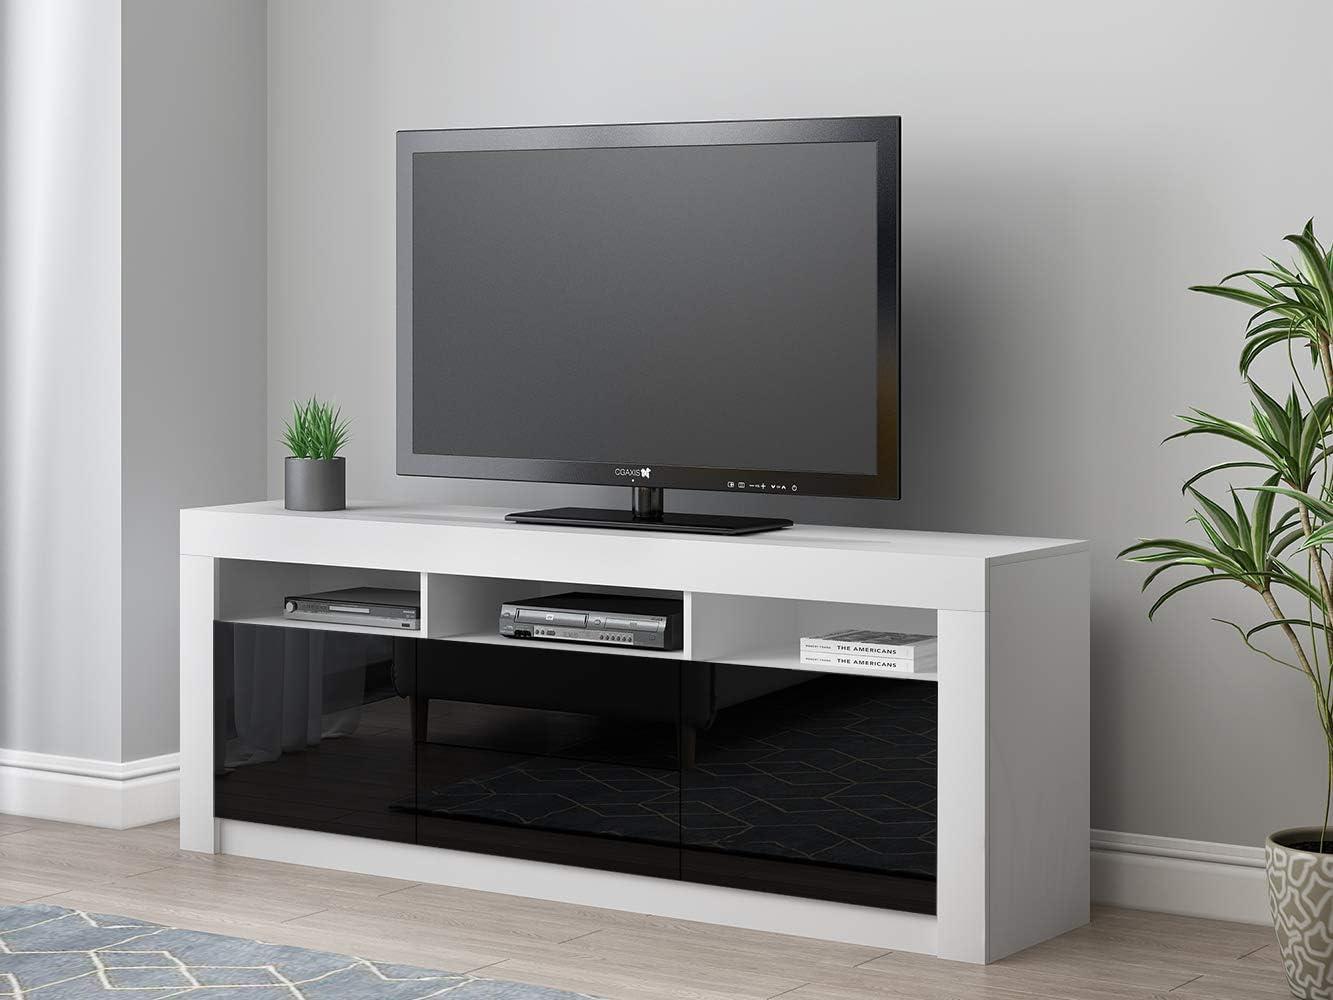 Panana RGB LED TV Cabinets, 160CM Modern TV Unit Matt Body & High Gloss Doors TV Stand For Living Room (Black) White&black